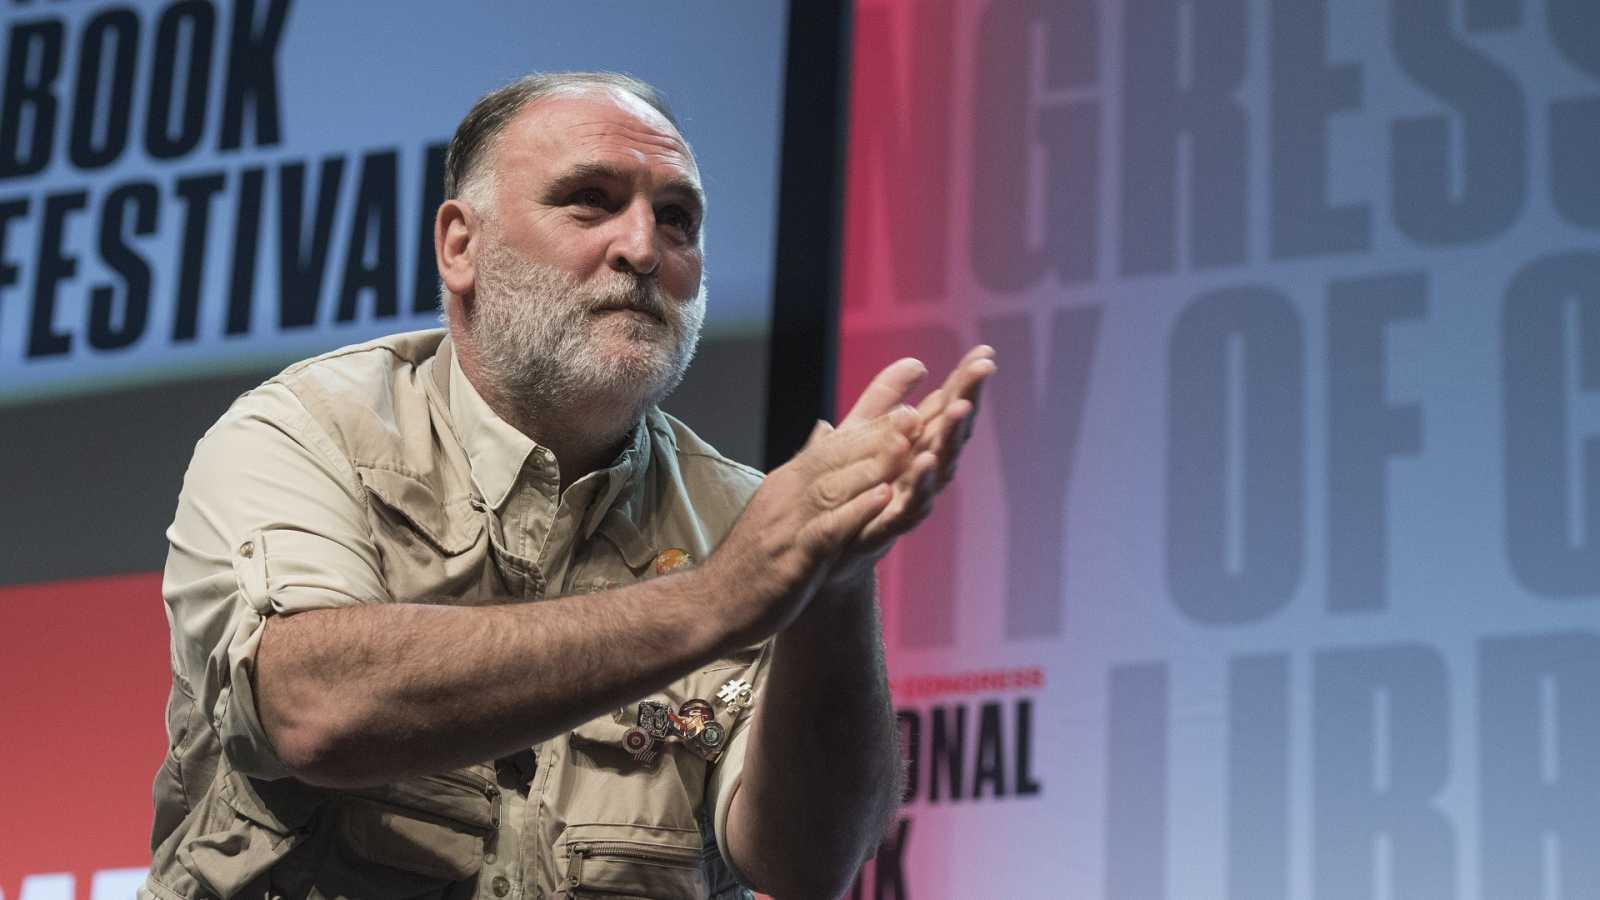 Imagen de José Andrés durante una conferencia